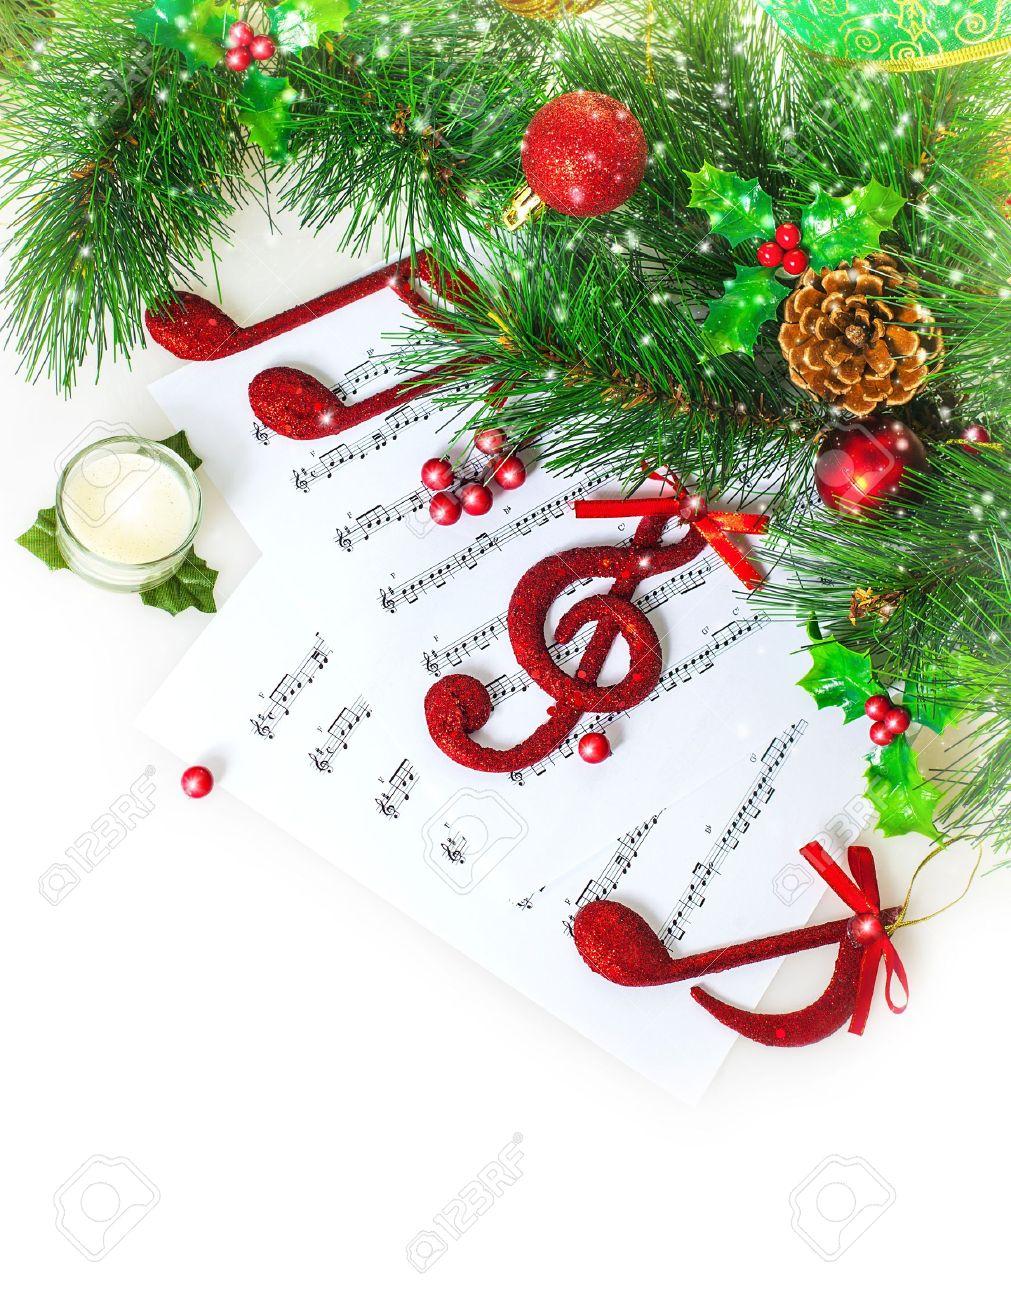 Image De Rouge Festif Clef De Sol Sur Le Papier Des Notes, Noël